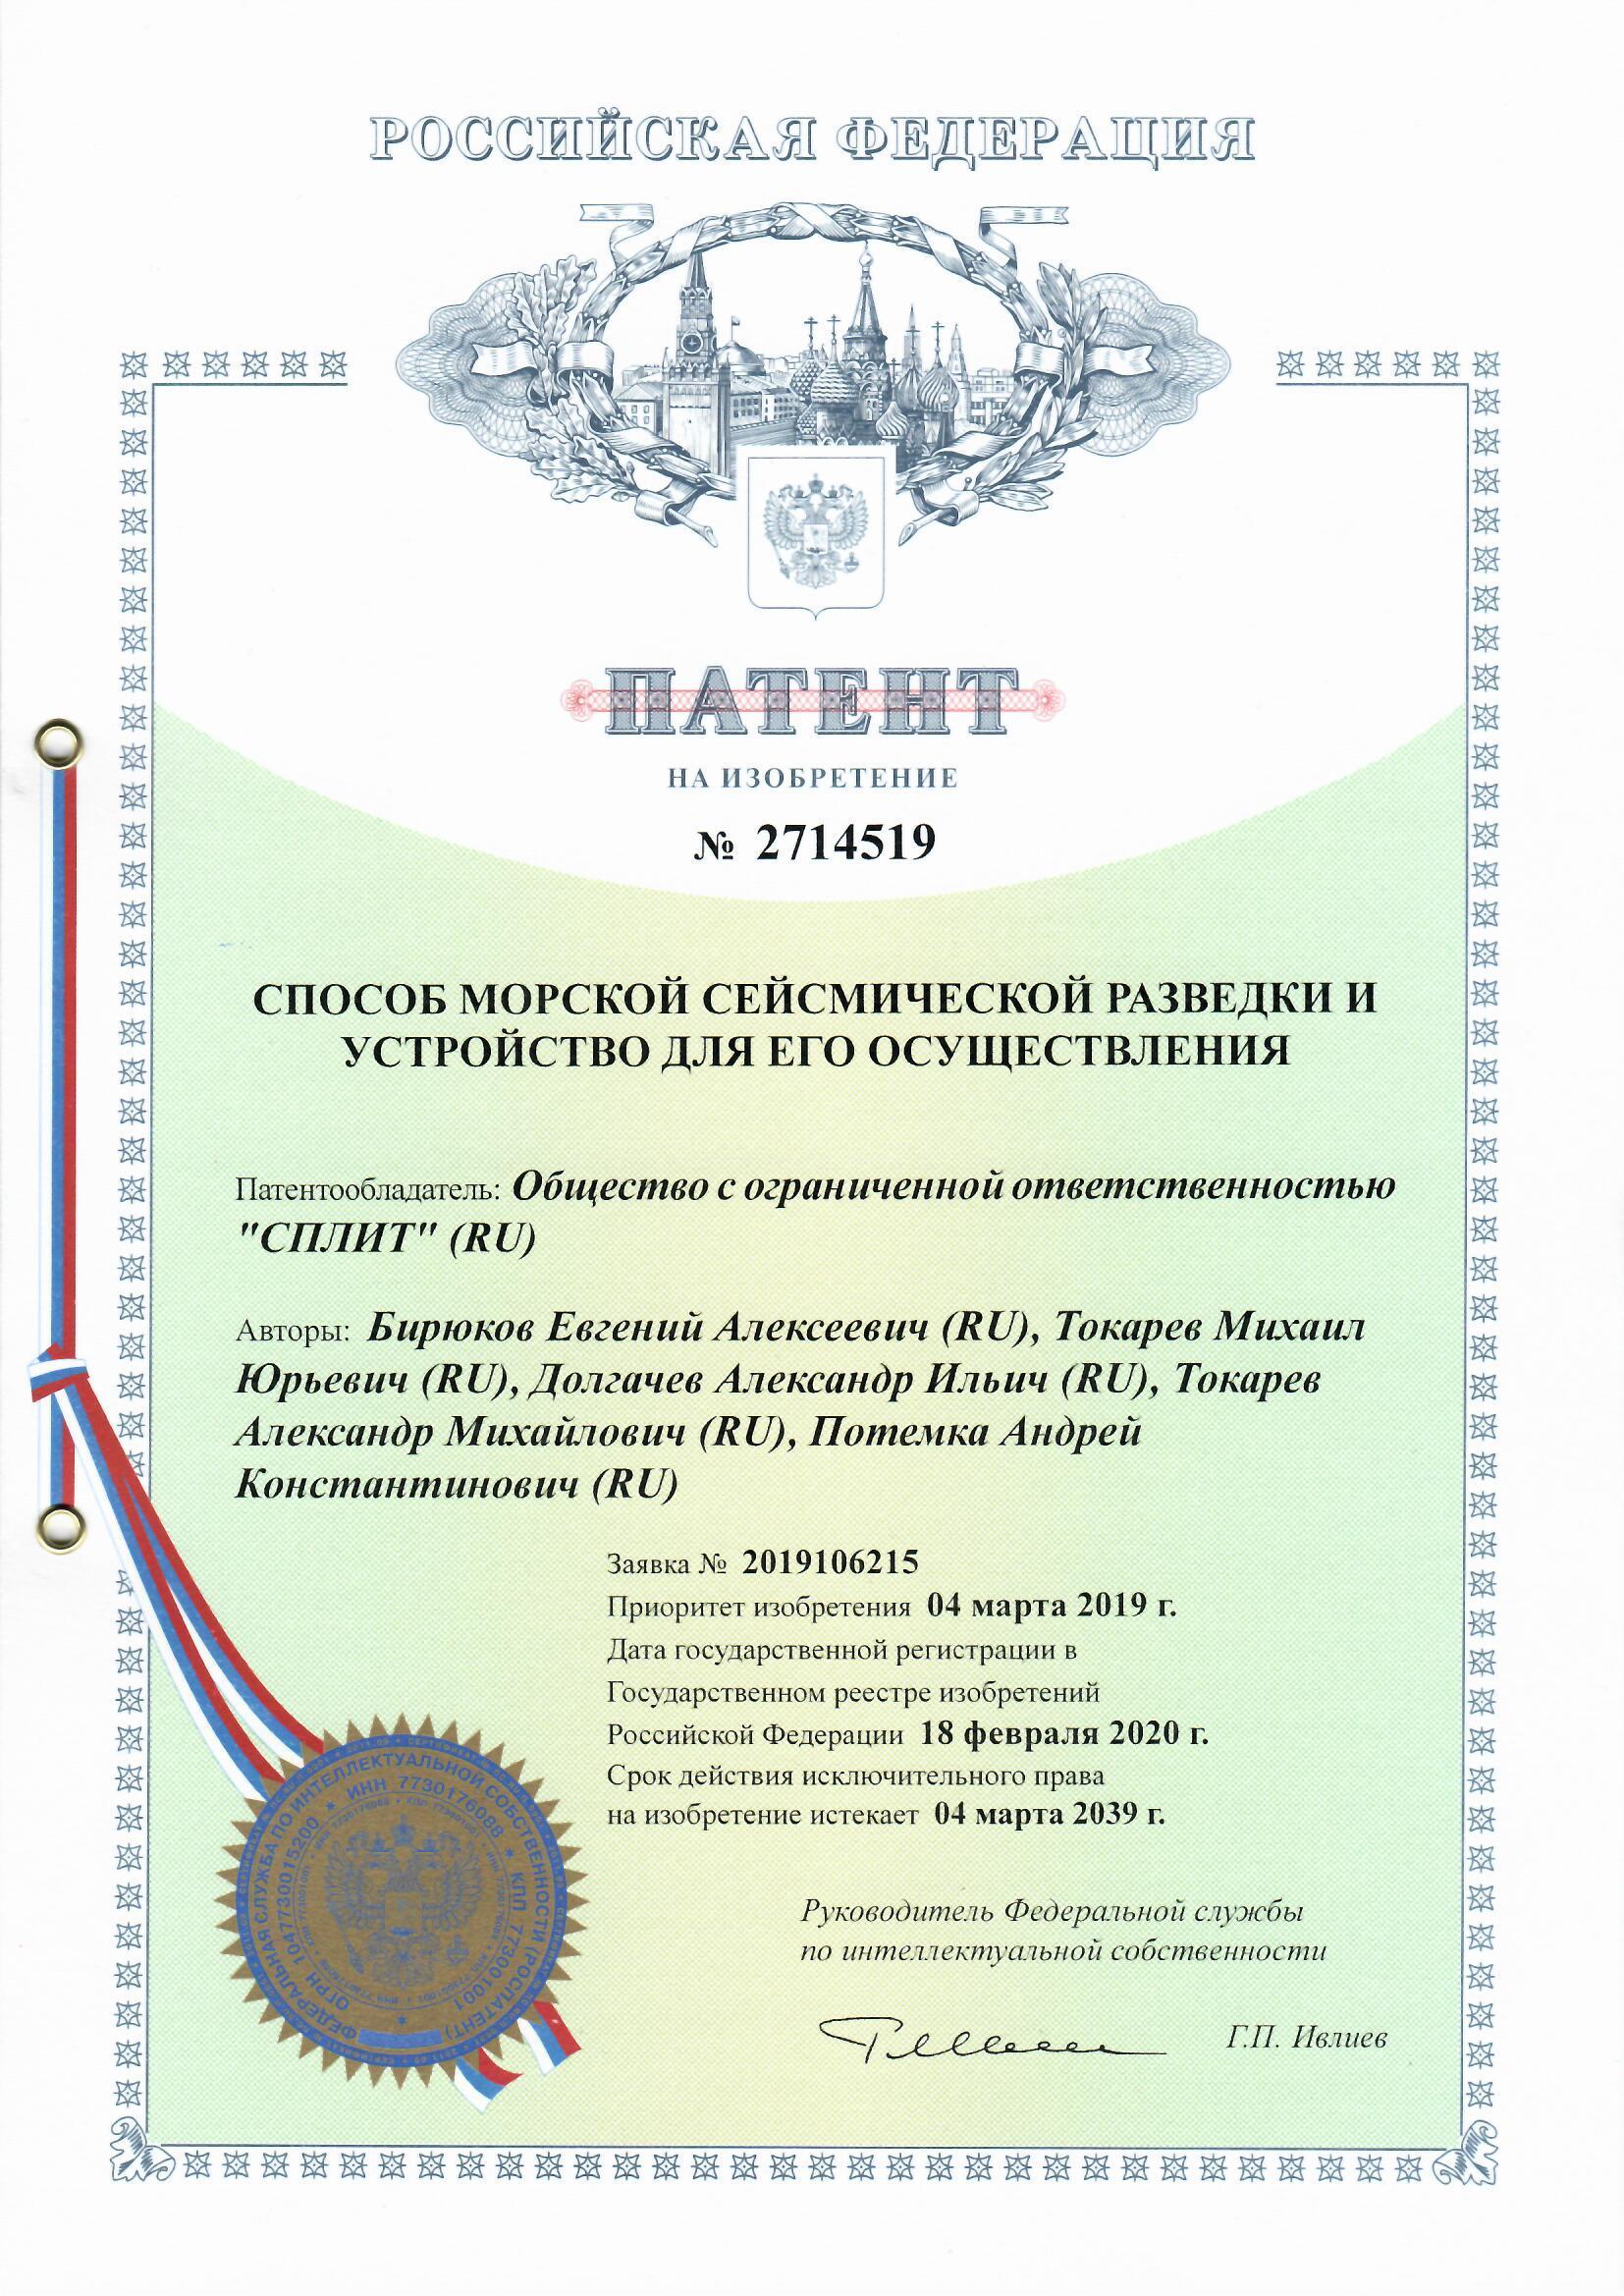 """Научная компания """"СПЛИТ"""" получила патент"""